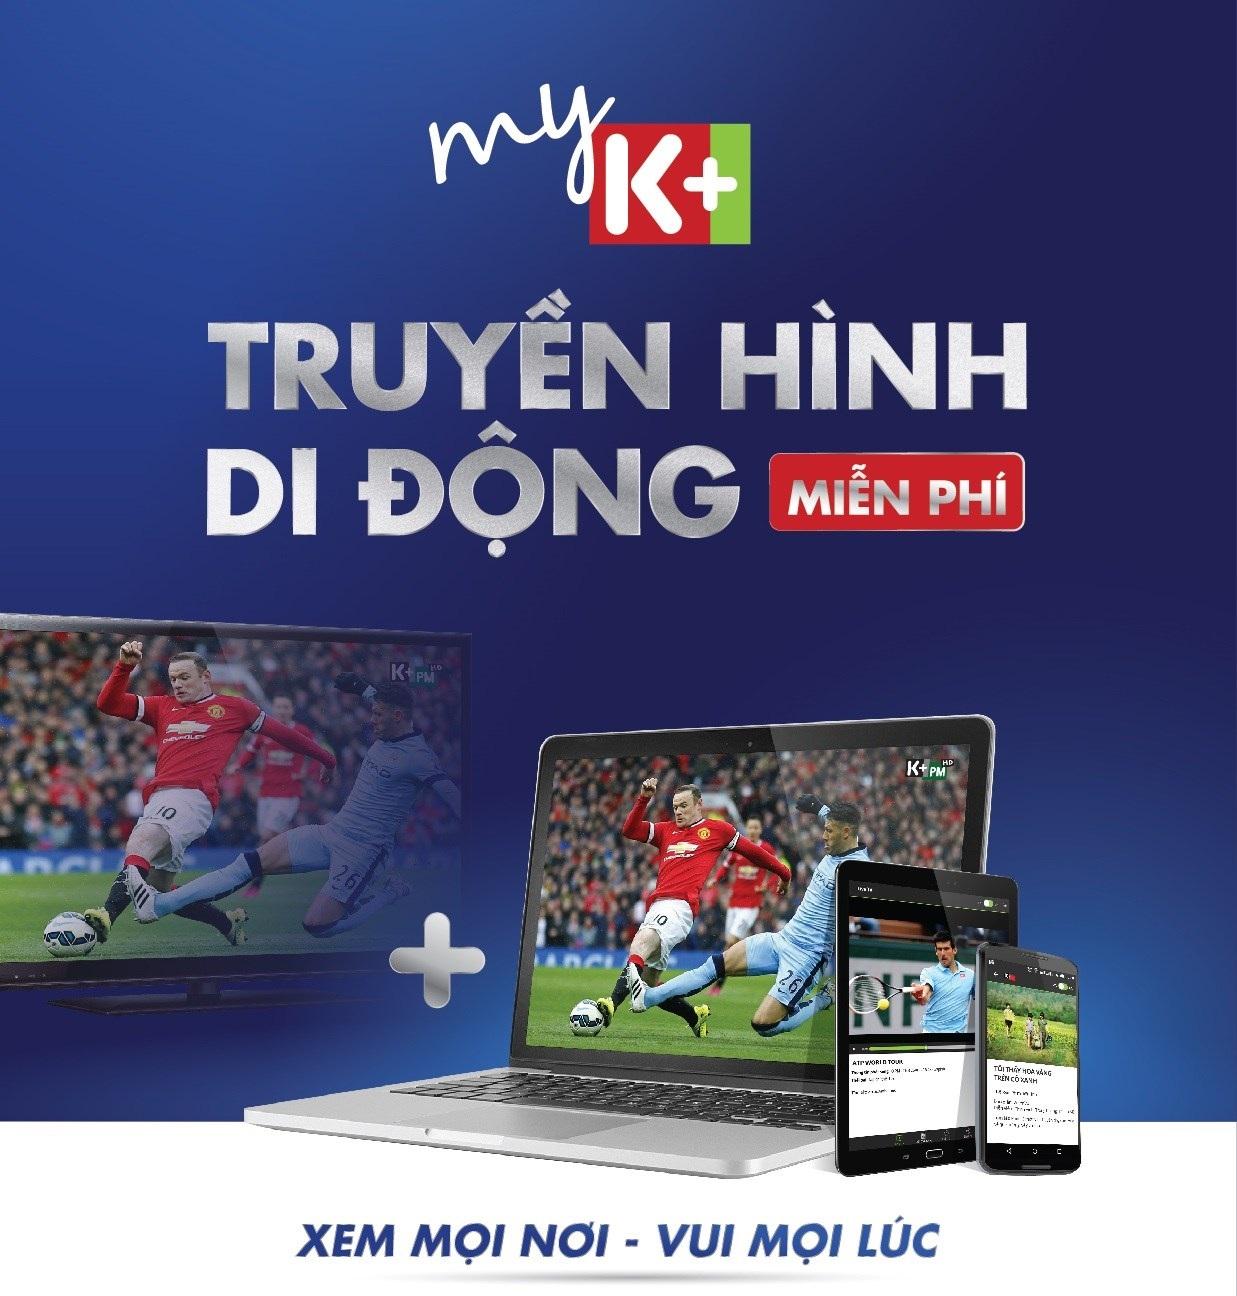 Dịch vụ MyK+